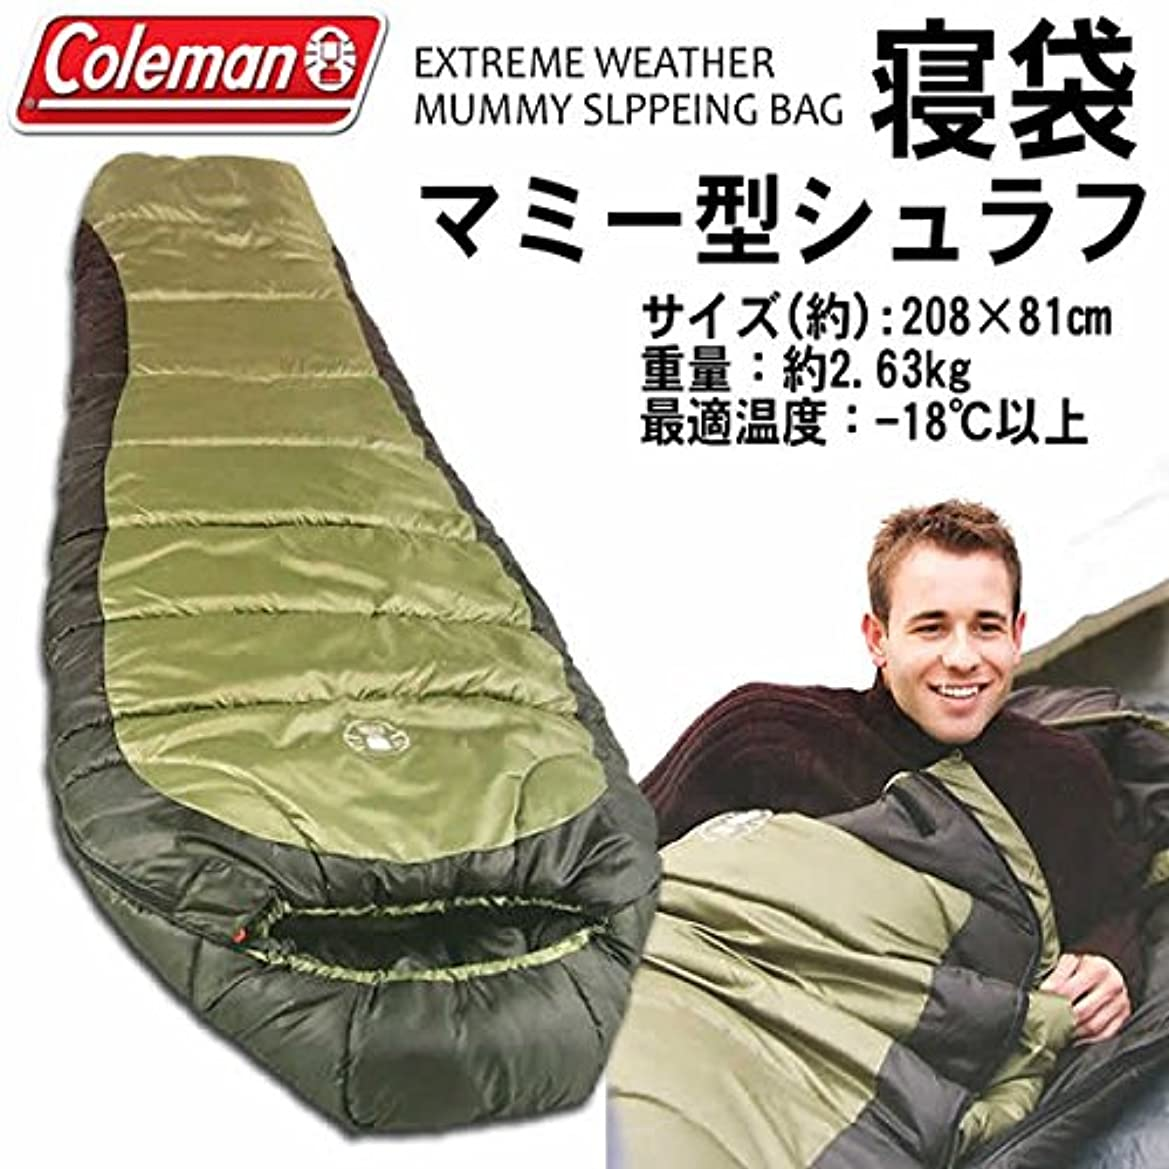 パッケージアメリカまたColeman EXTREME WHEATHER MUMMY コールマンエクストリームウェザーマミースリーピングバッグ 寝袋 208×81cm(Model:2000012598)